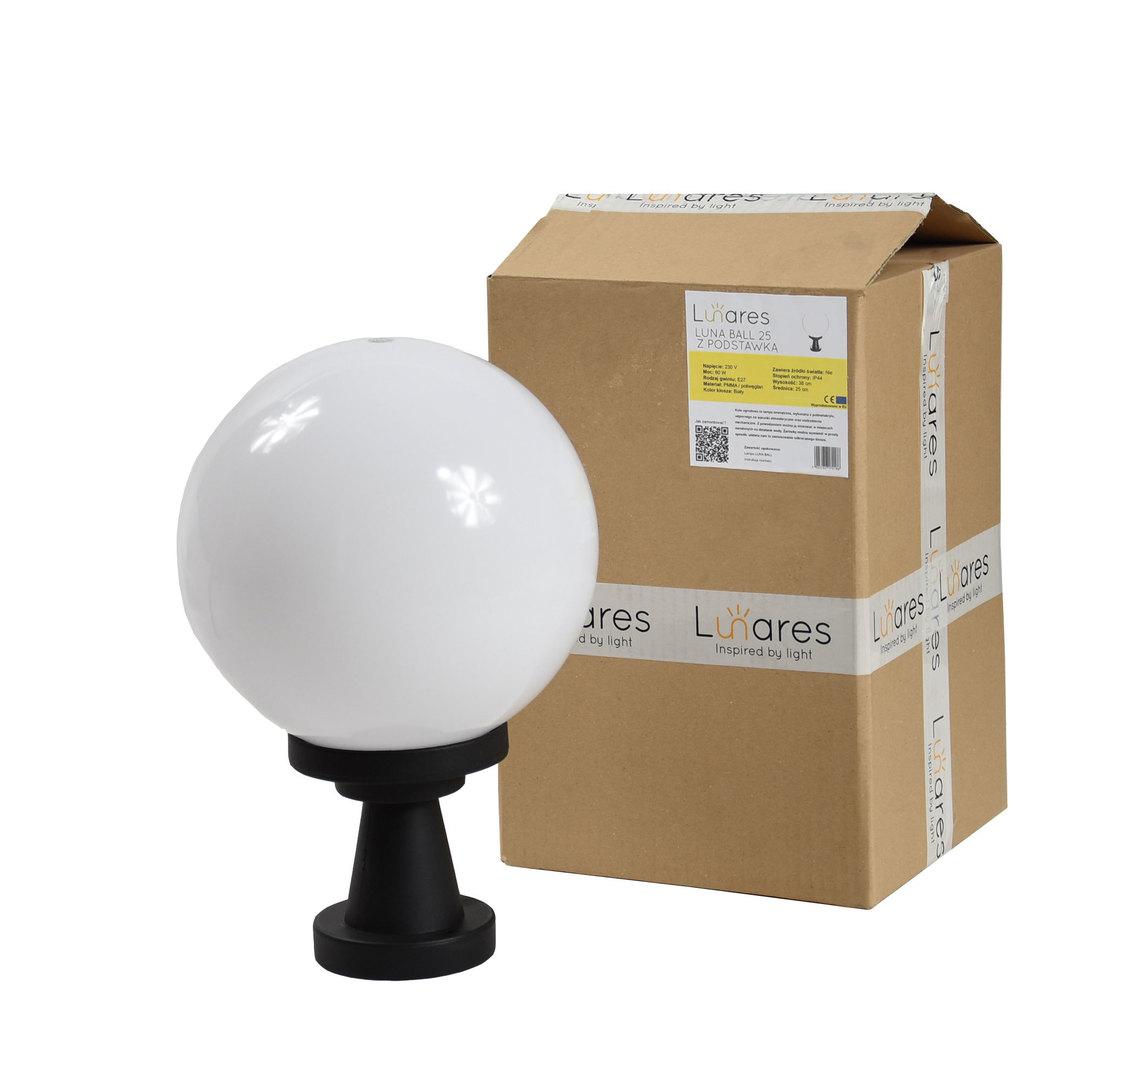 Lampă de grădină Luna Ball Plinto 25 cm E27 LED alb alb